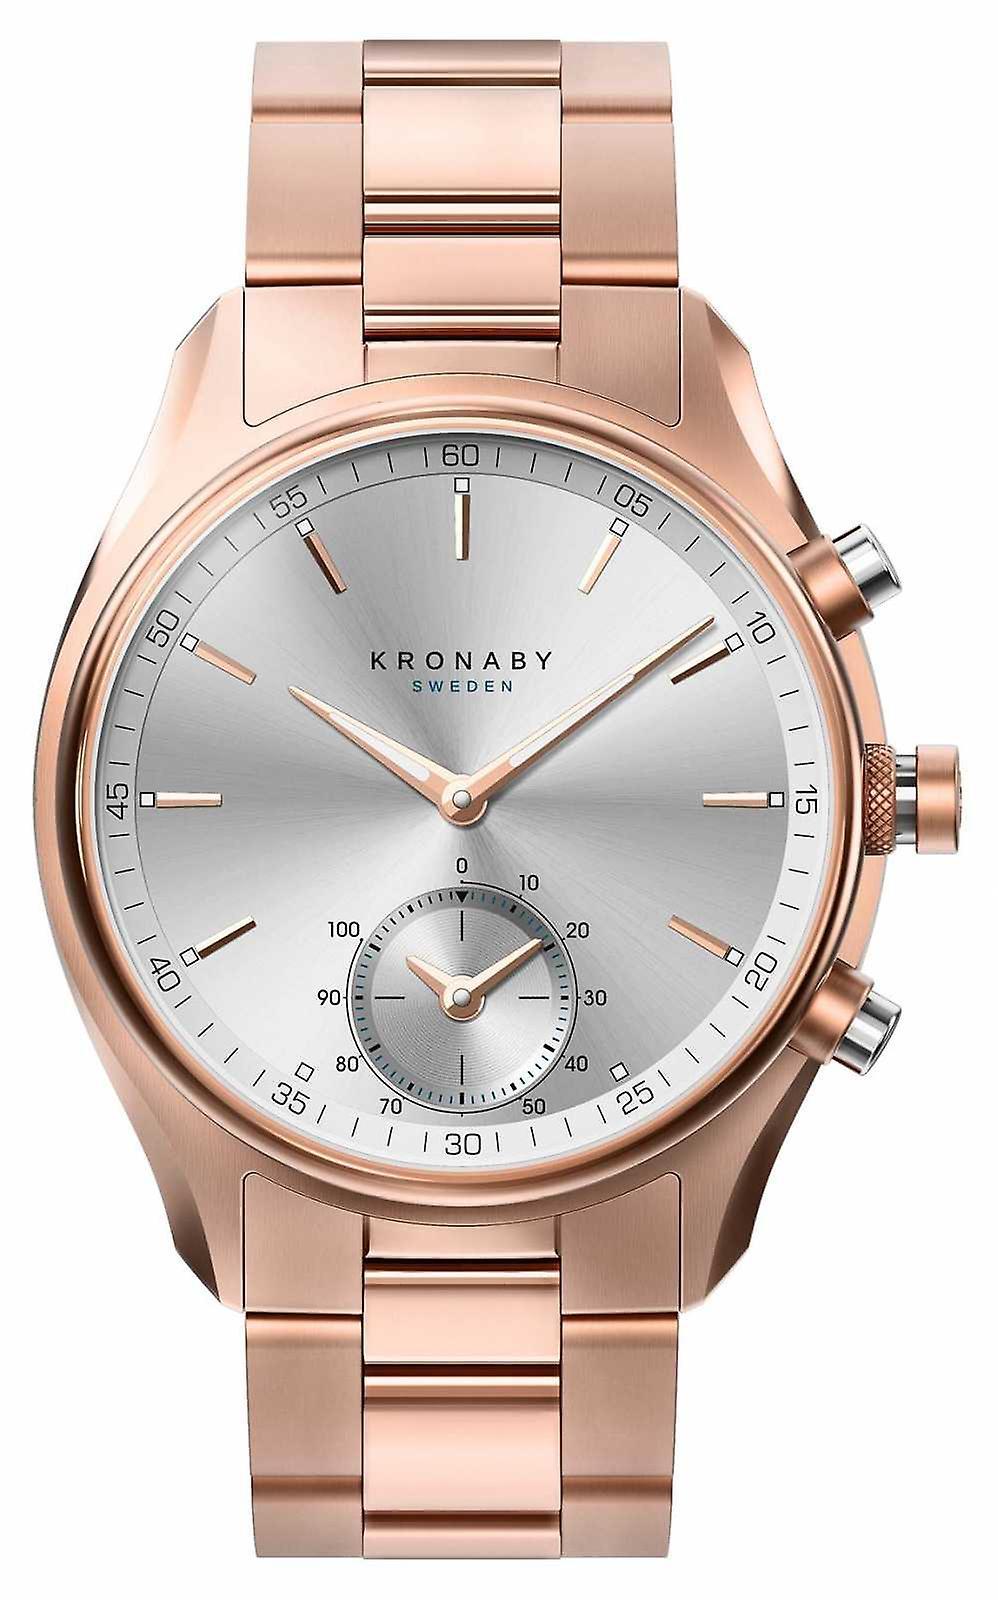 Kronaby 43mm SEKEL Bluetooth Rose Gold Metal Bracelet A1000-2745 S2745/1 Watch